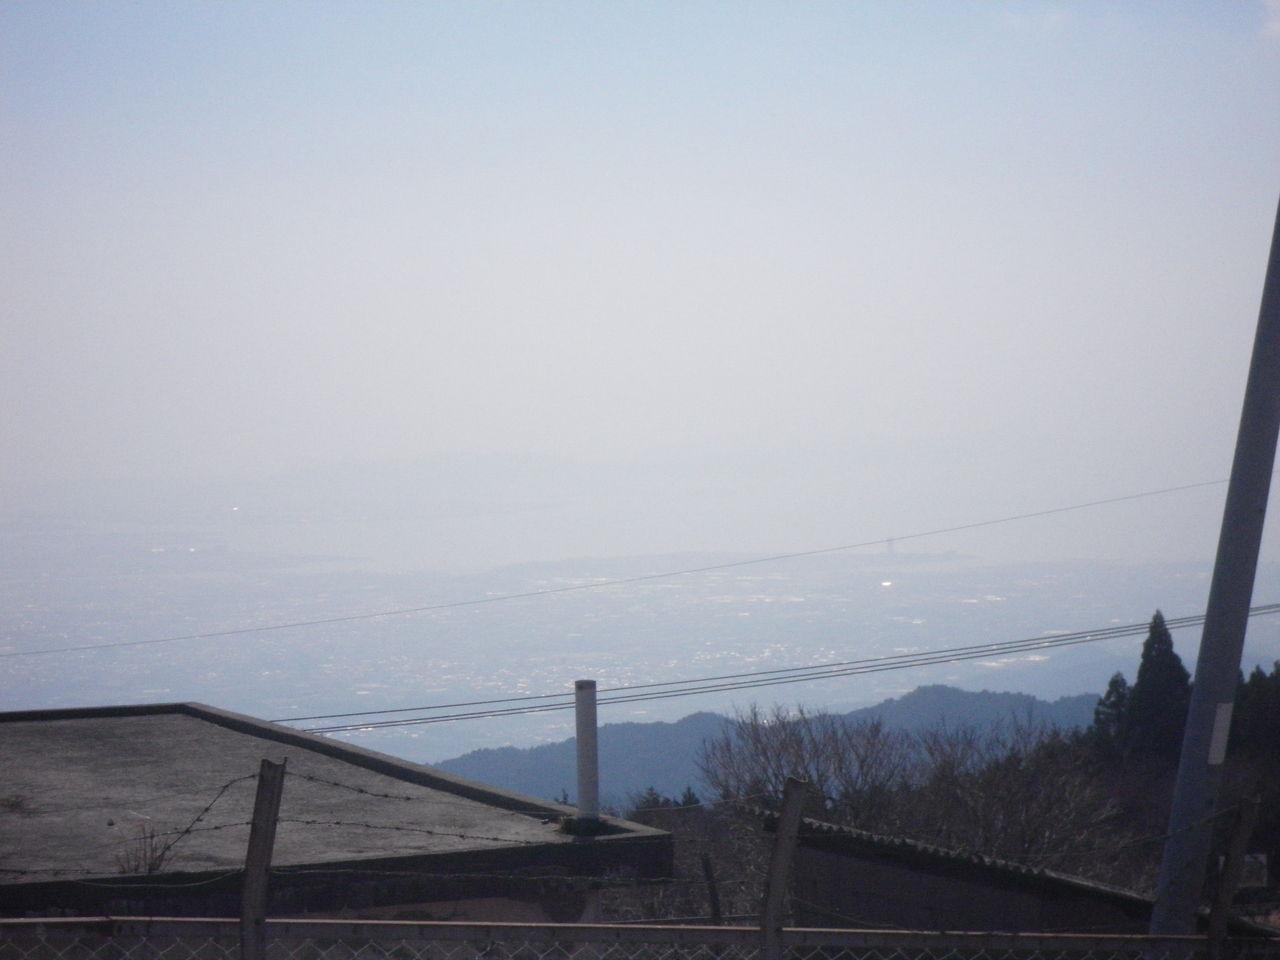 自転車の 自転車 富士山山頂 : および附帯施設のため、山頂 ...